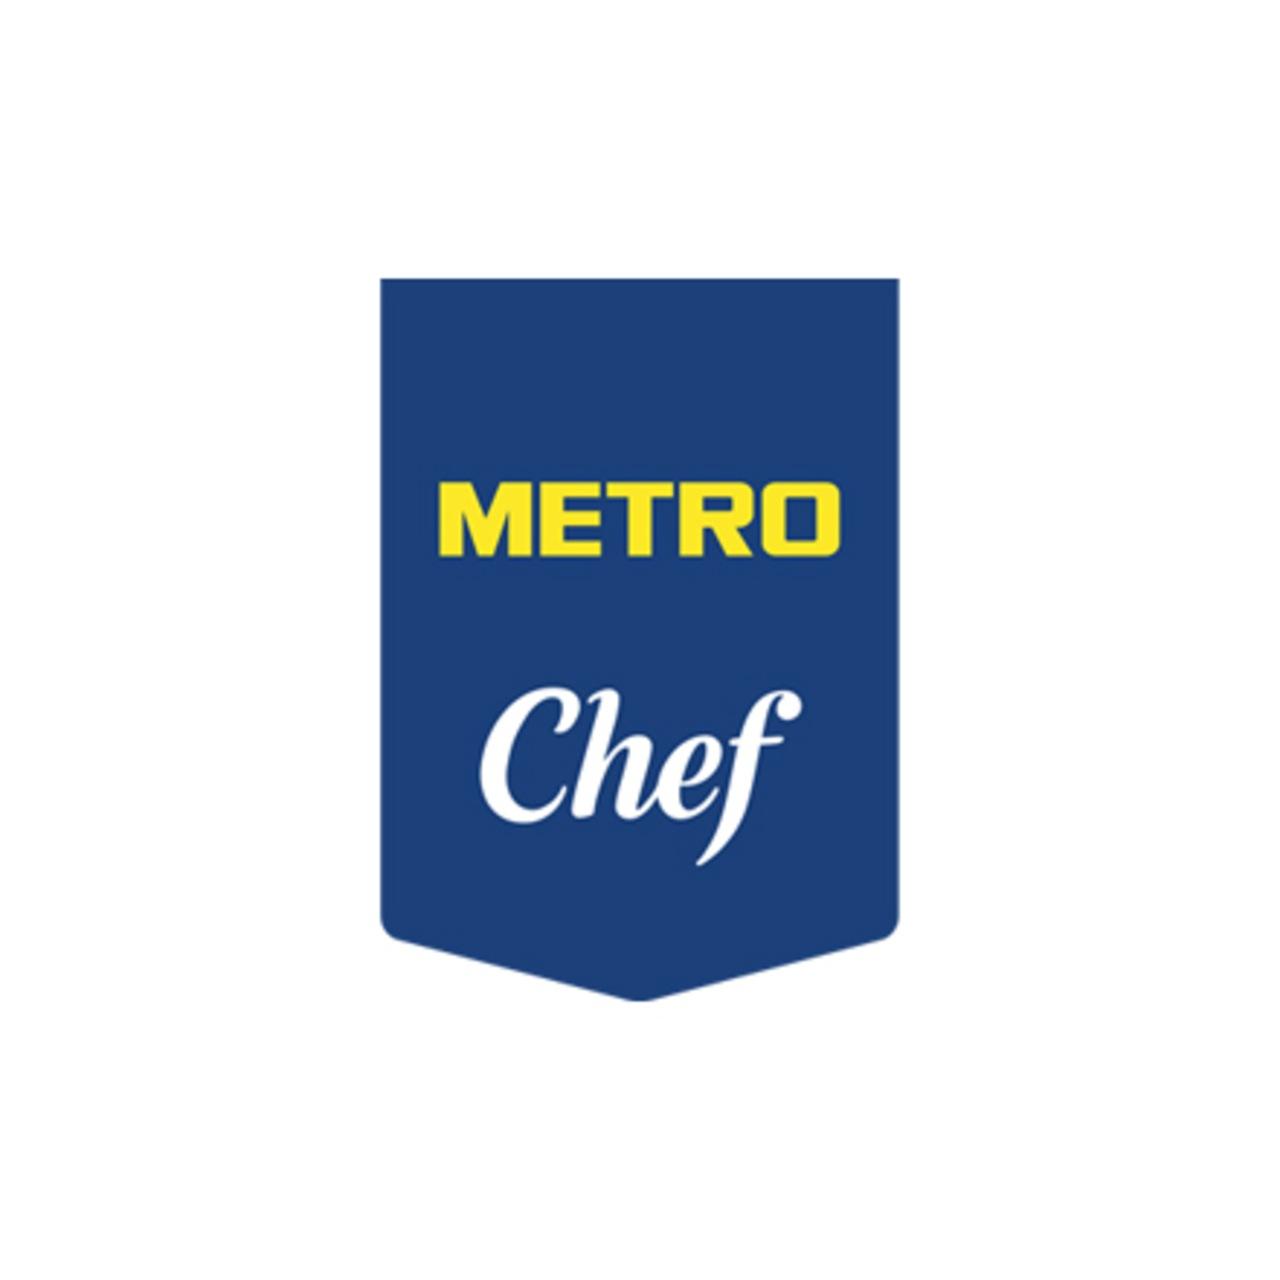 metro chef logo